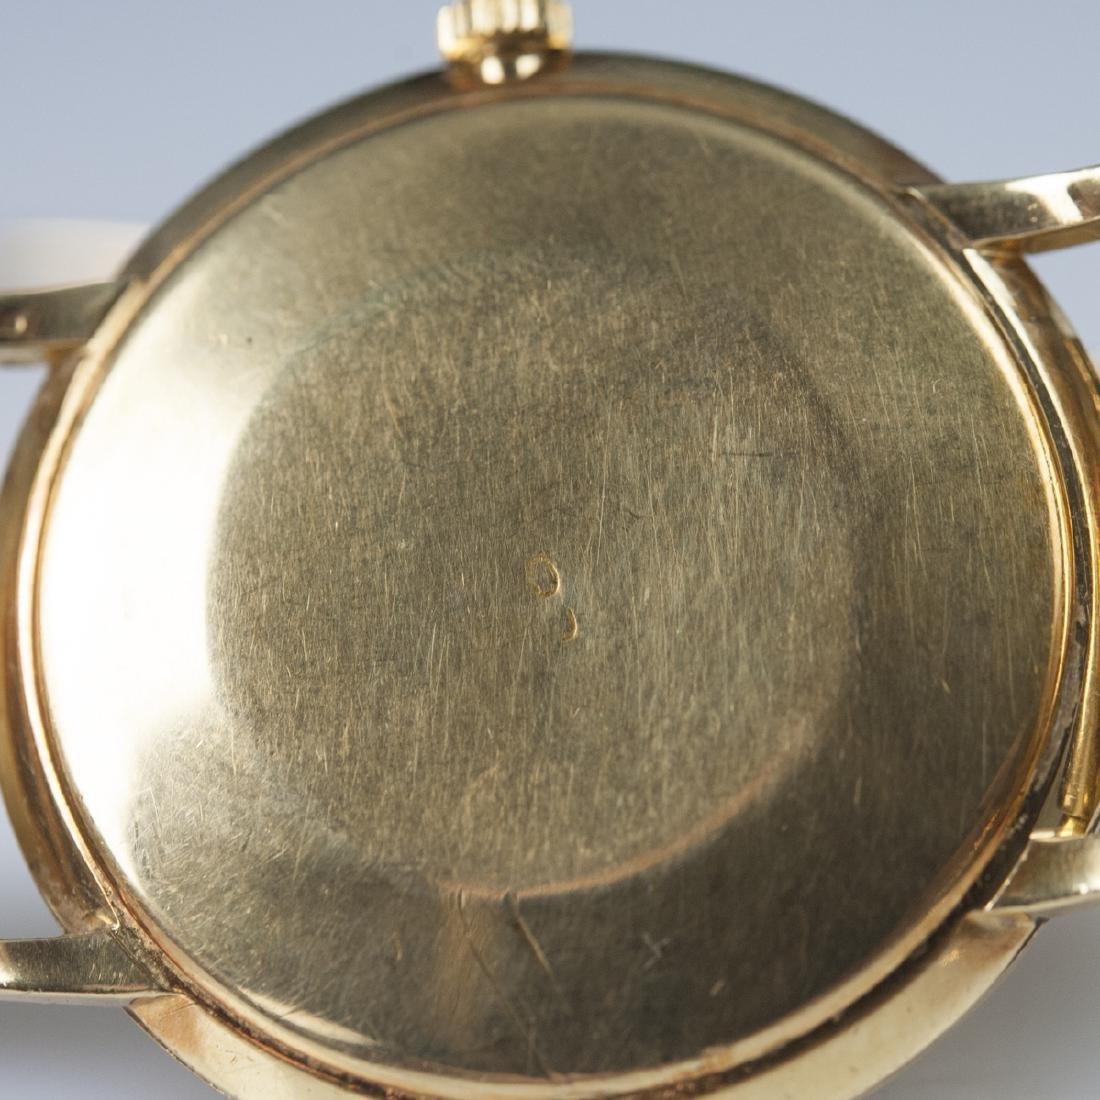 Eterna Matic 18kt Yellow Gold Watch - 5